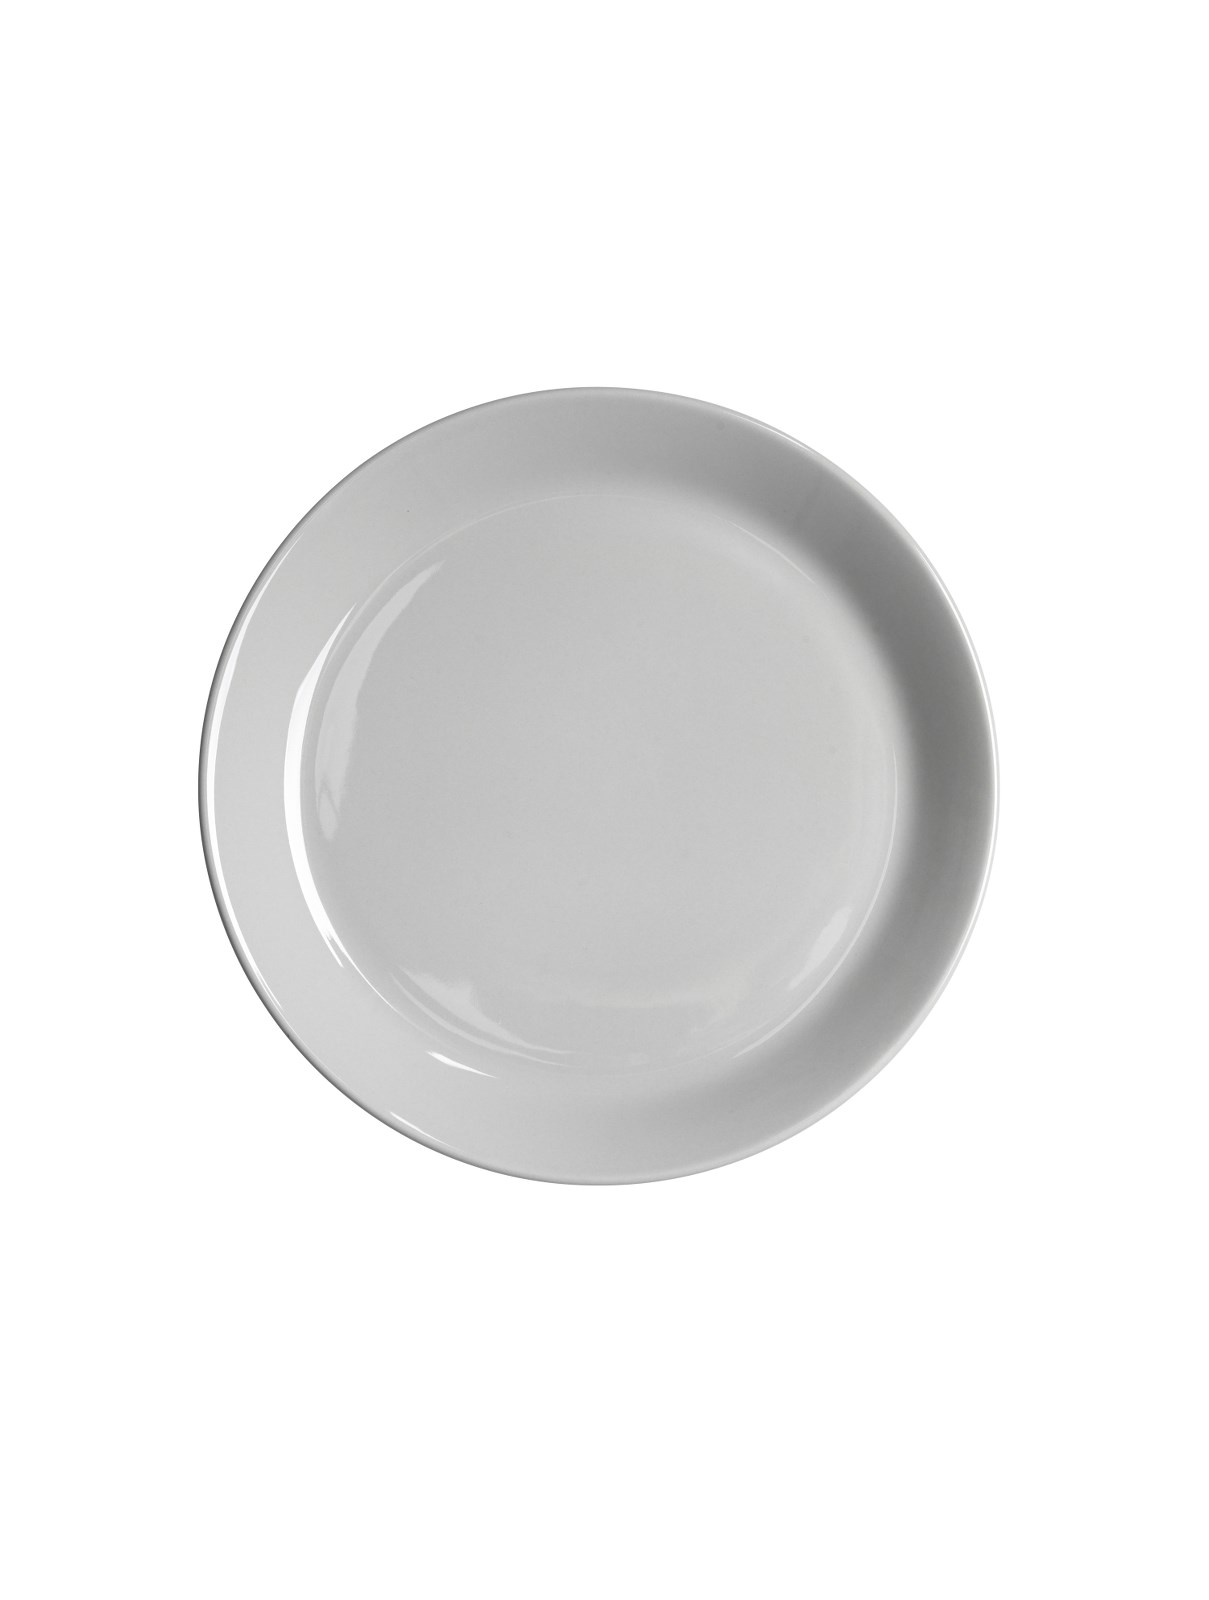 Assiett med kant 20 cm kiselgrå blank